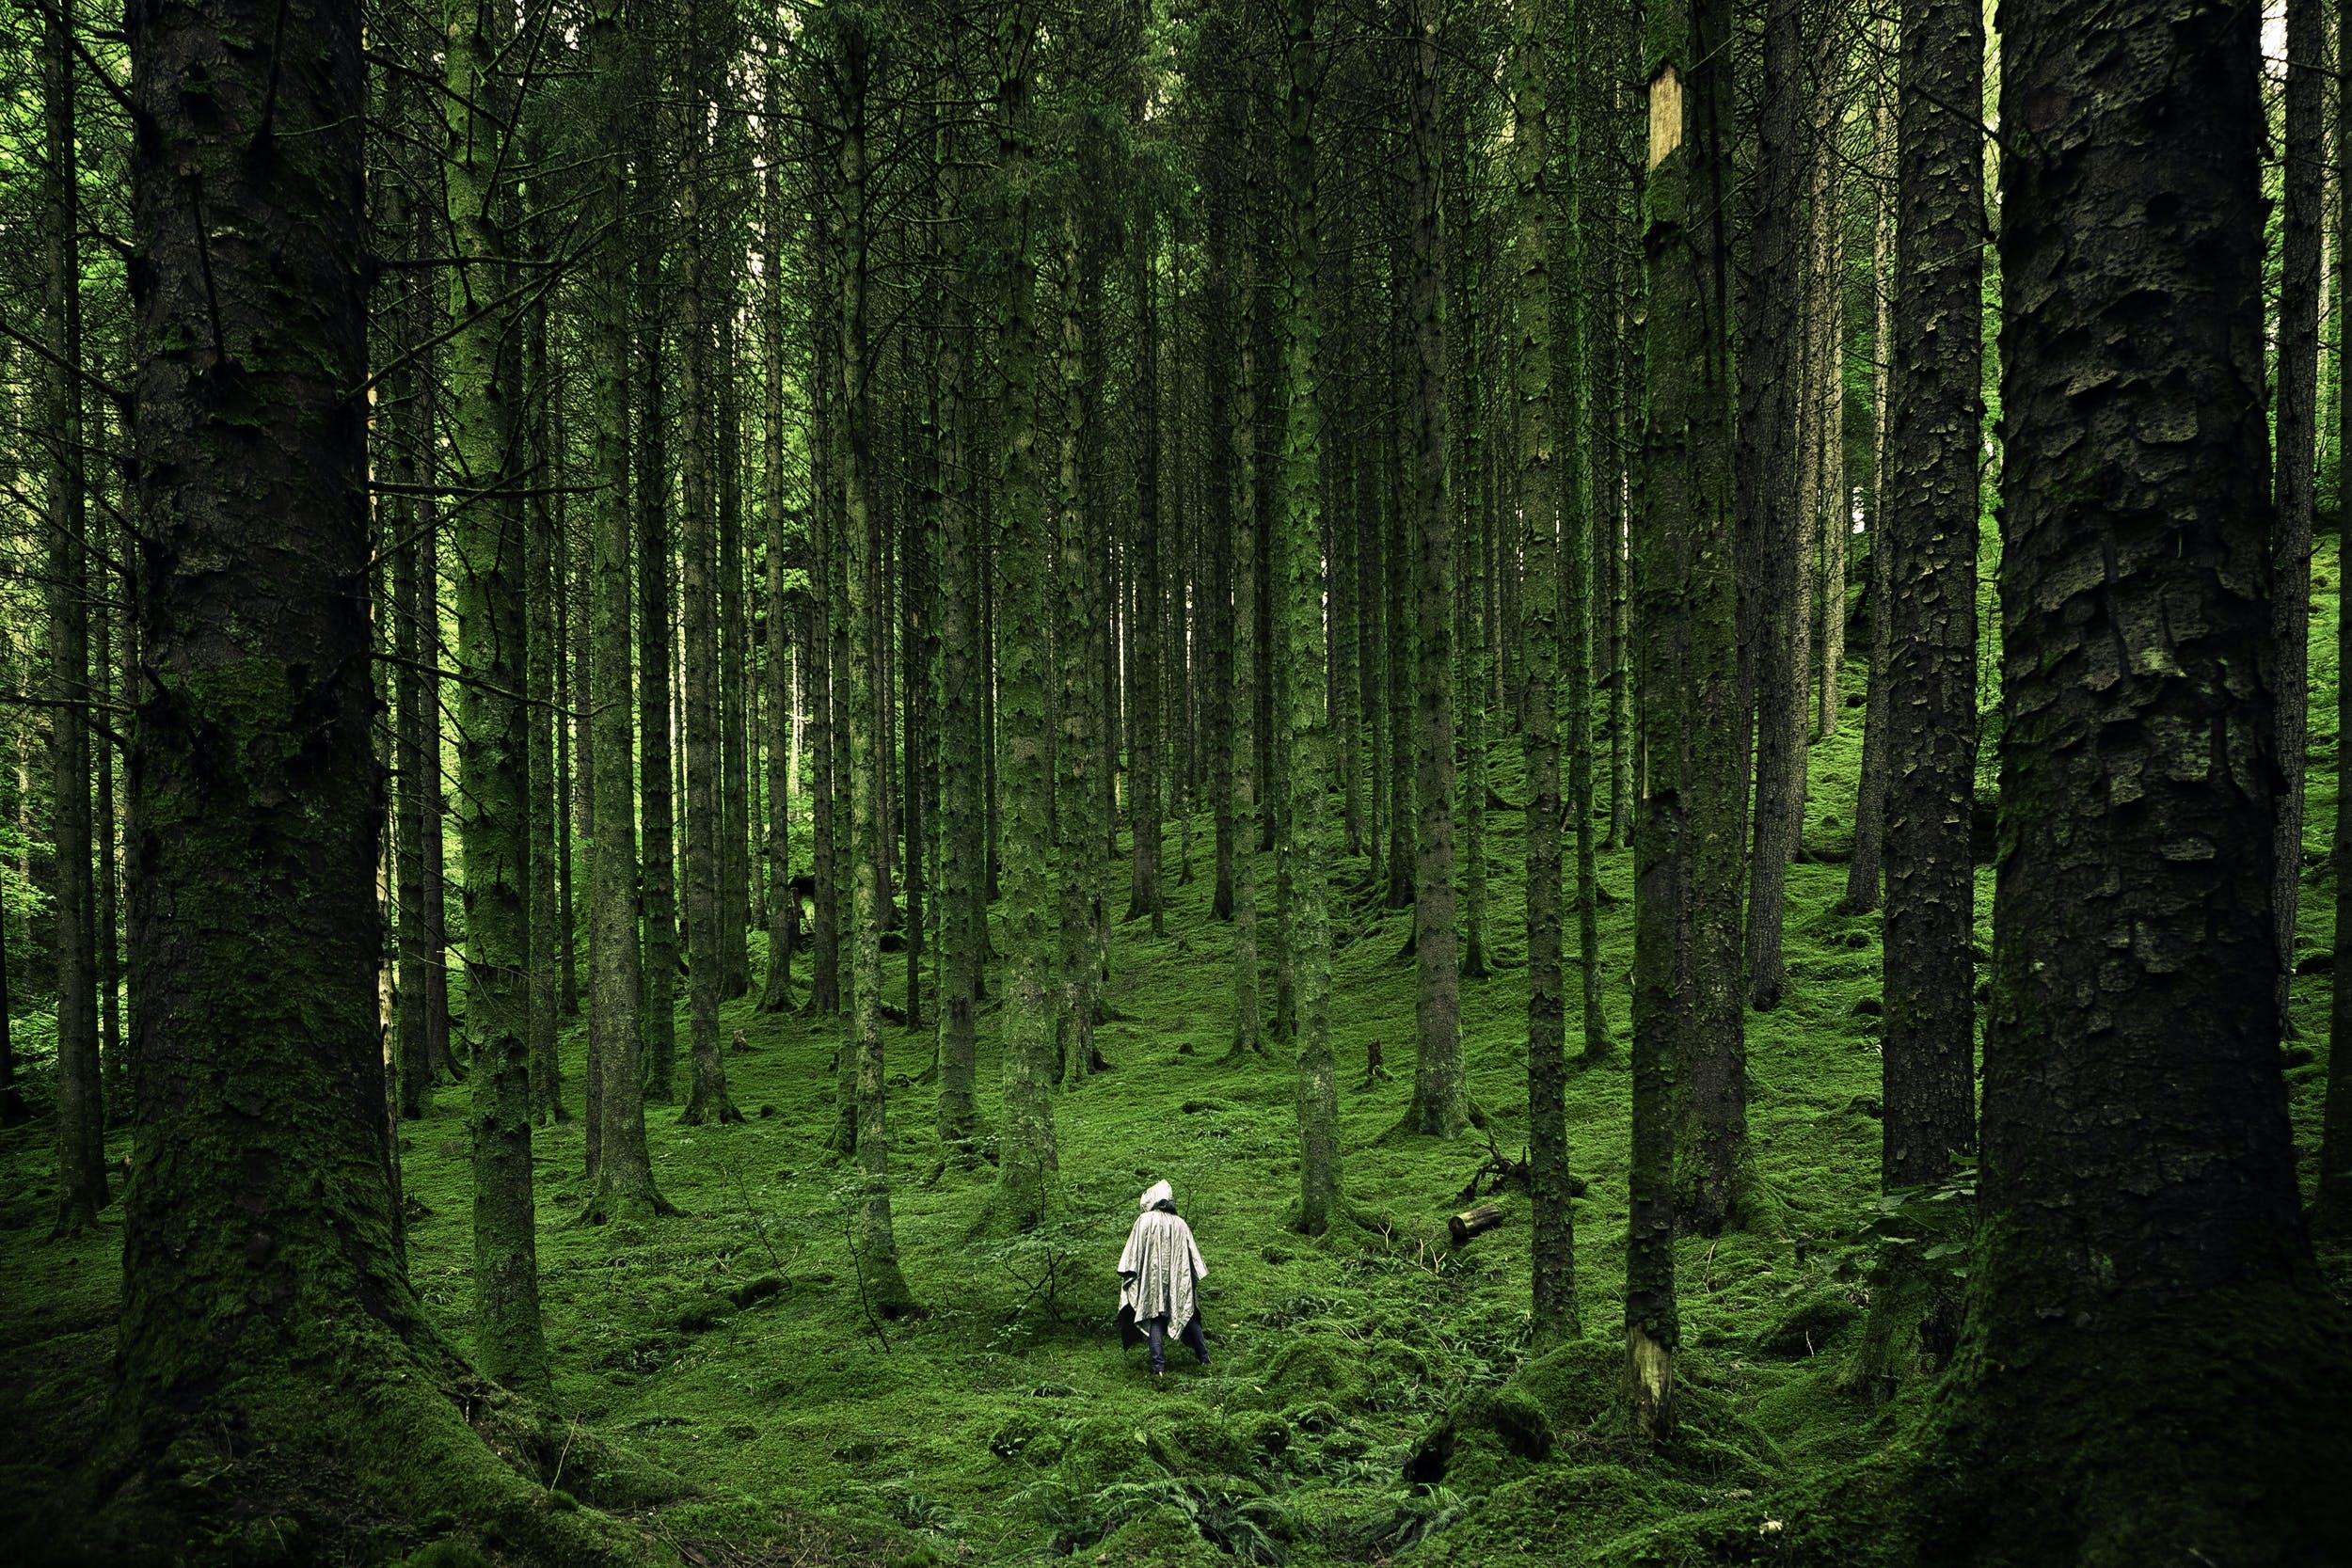 Δωρεάν στοκ φωτογραφιών με άνθρωπος, δασικός, δέντρα, επιθυμία για ταξίδια